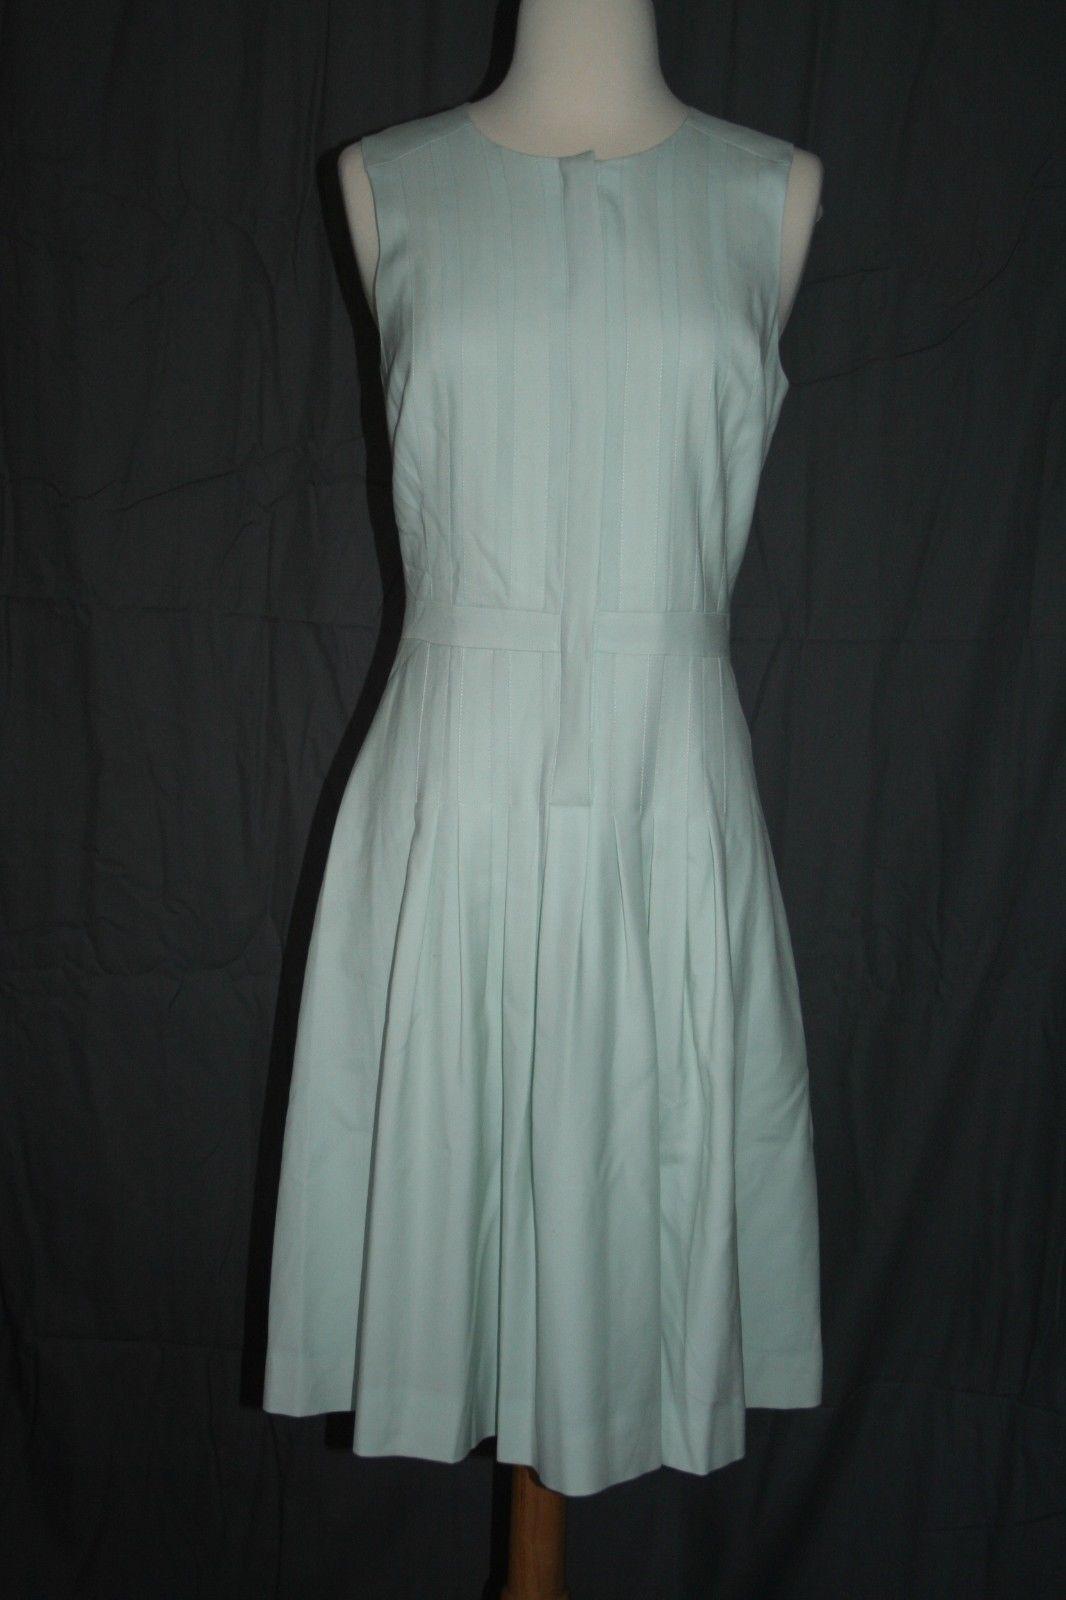 J.CREW TALL PLEATED A-LINE DRESS DRESS DRESS IN SUPER 120S WOOL SIZE T0 RUSTIC MINT 411848